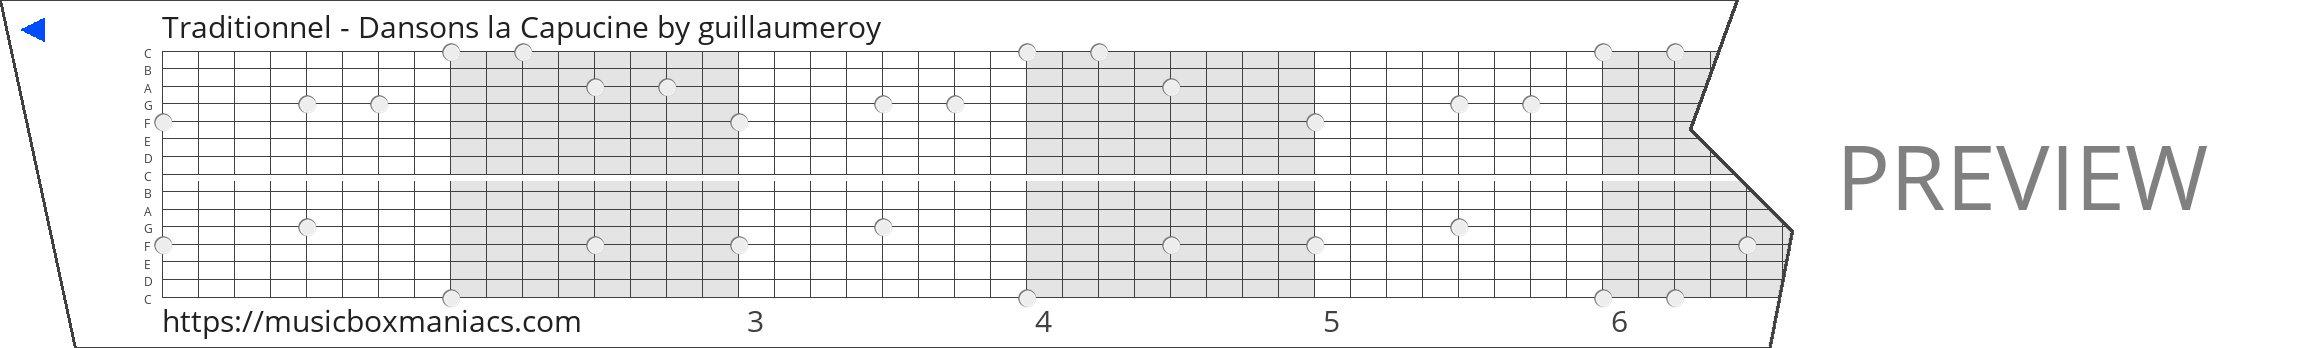 Traditionnel - Dansons la Capucine 15 note music box paper strip